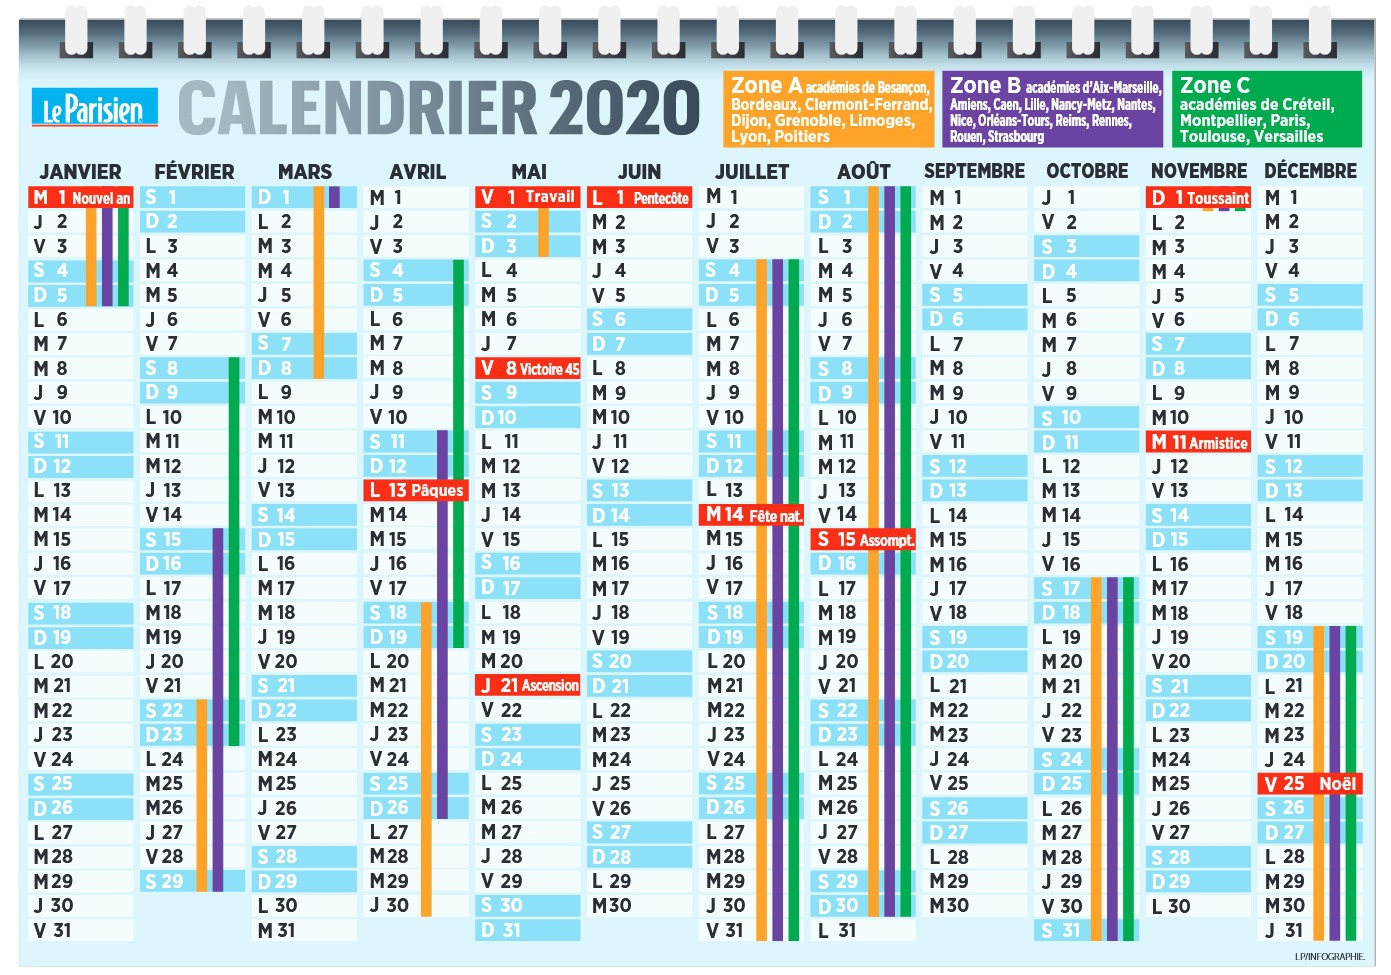 Dates Des Vacances 2019 / 2020 De La Rentrée 2020 - Pratique destiné Calendrier 2018 Avec Jours Fériés Vacances Scolaires À Imprimer